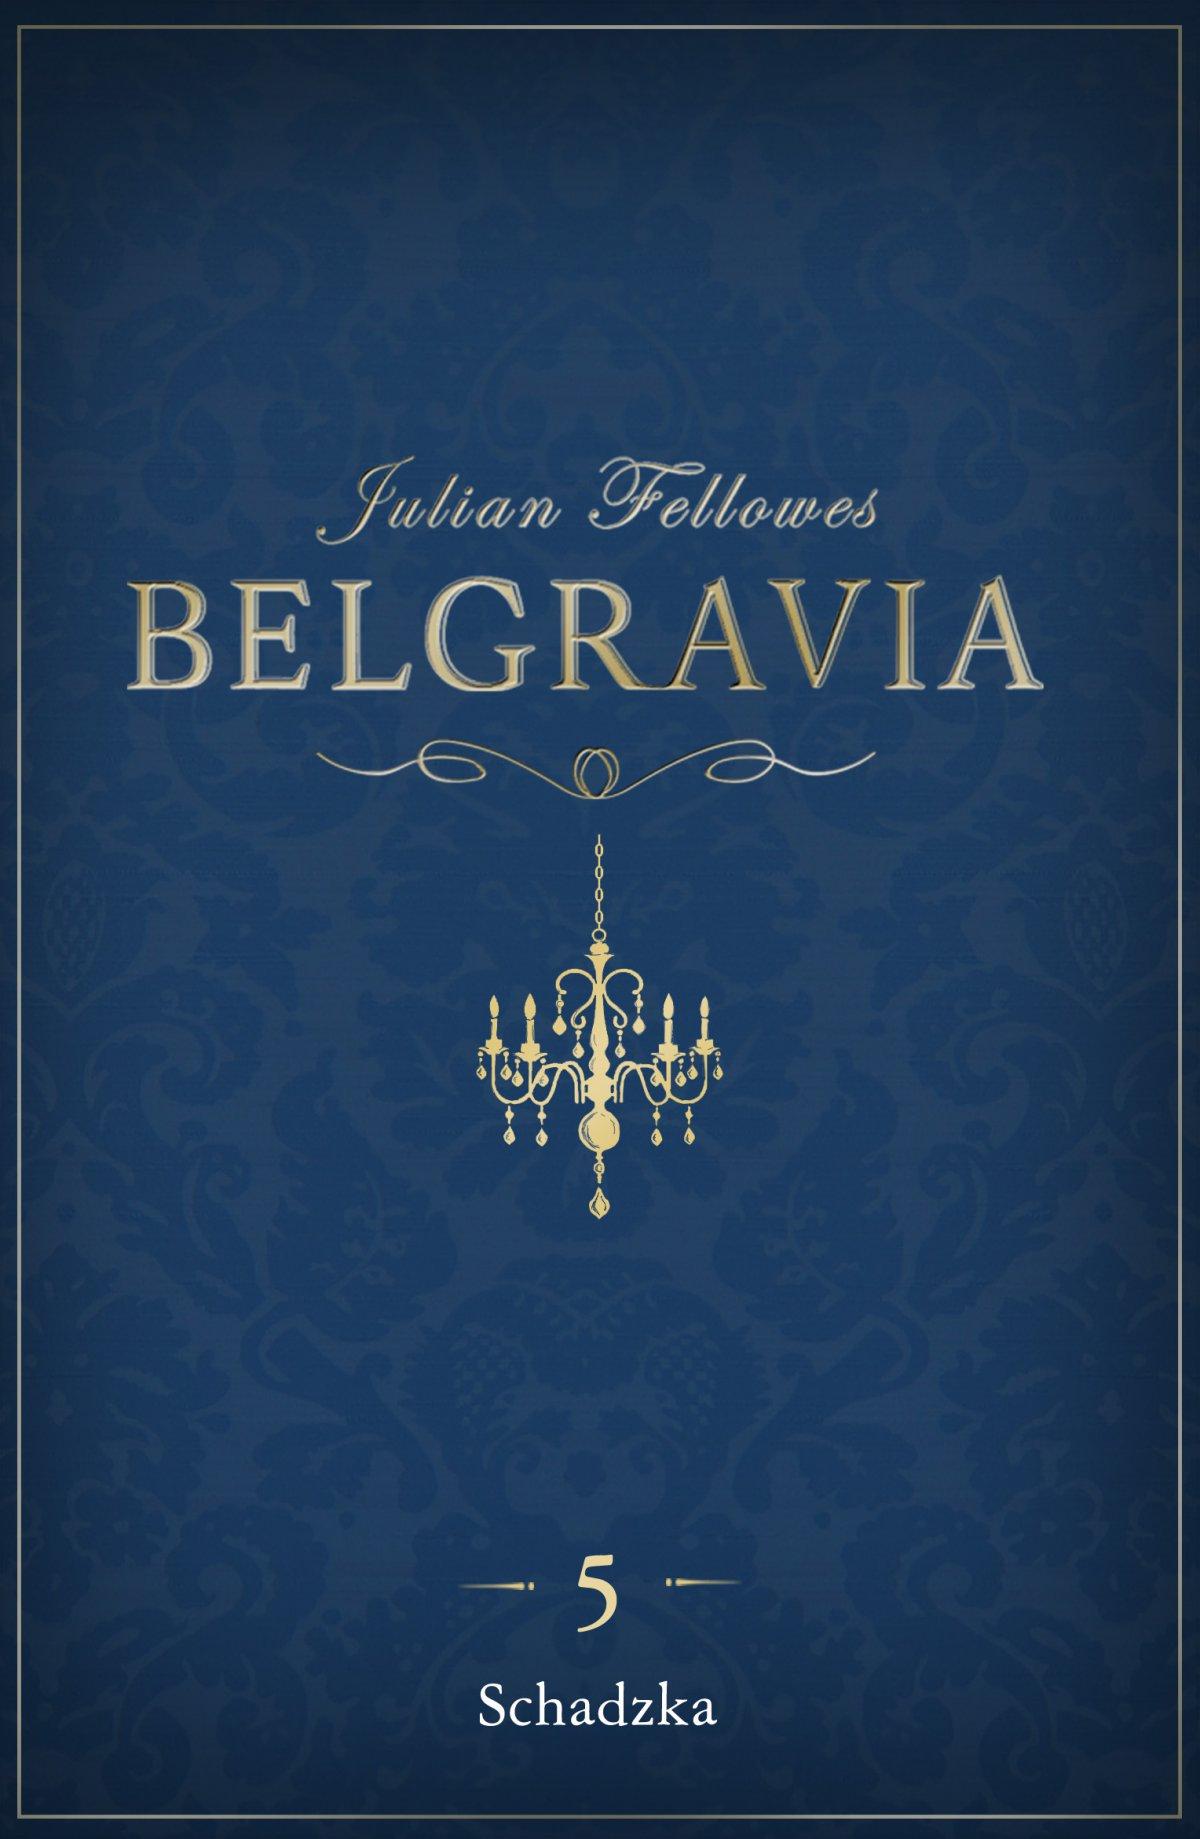 Belgravia Schadzka. Odcinek 5 - Ebook (Książka na Kindle) do pobrania w formacie MOBI